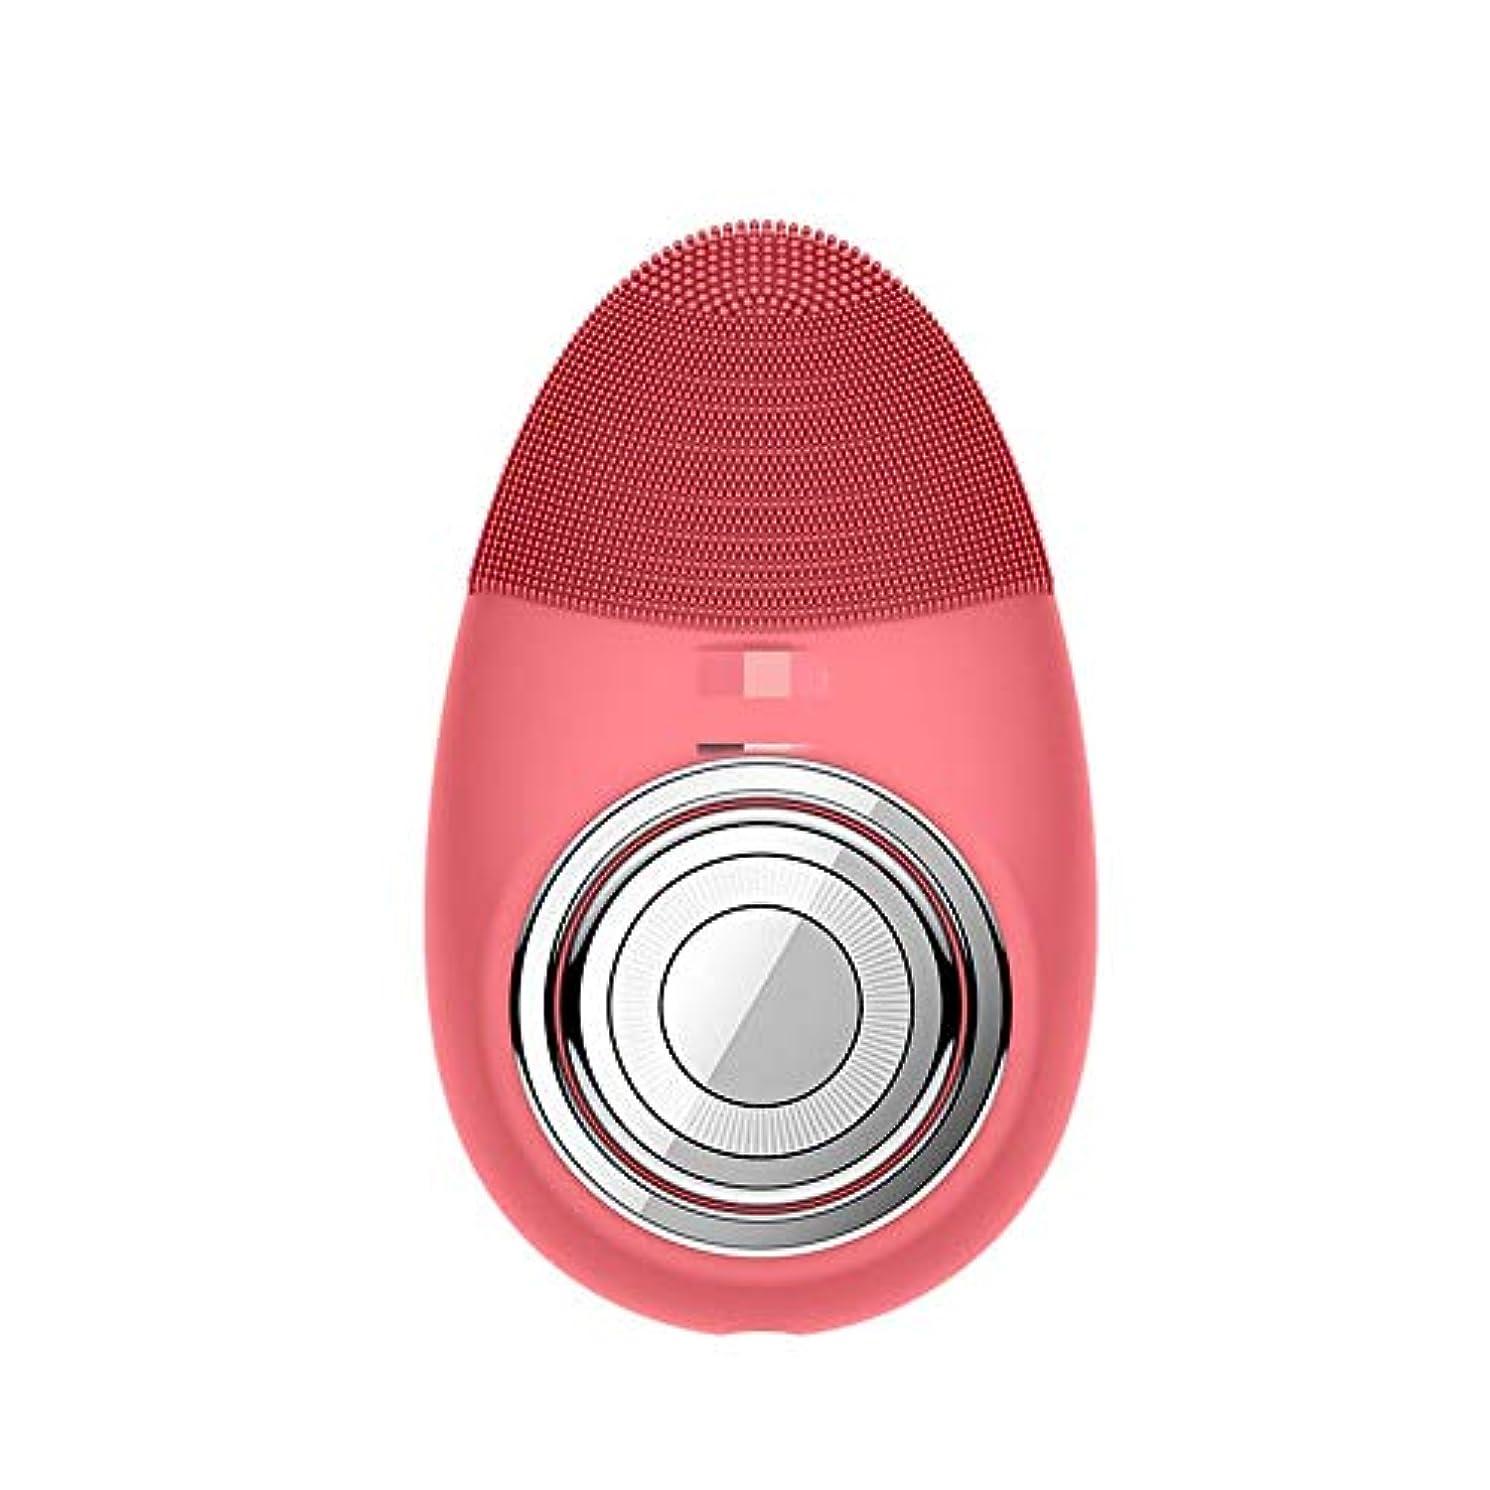 文献後退するなだめるChaopeng 多機能電気恒温シリコーンクレンジング楽器赤灯肌清潔毛穴クリーナー輸入機器美容機器 (Color : Red)